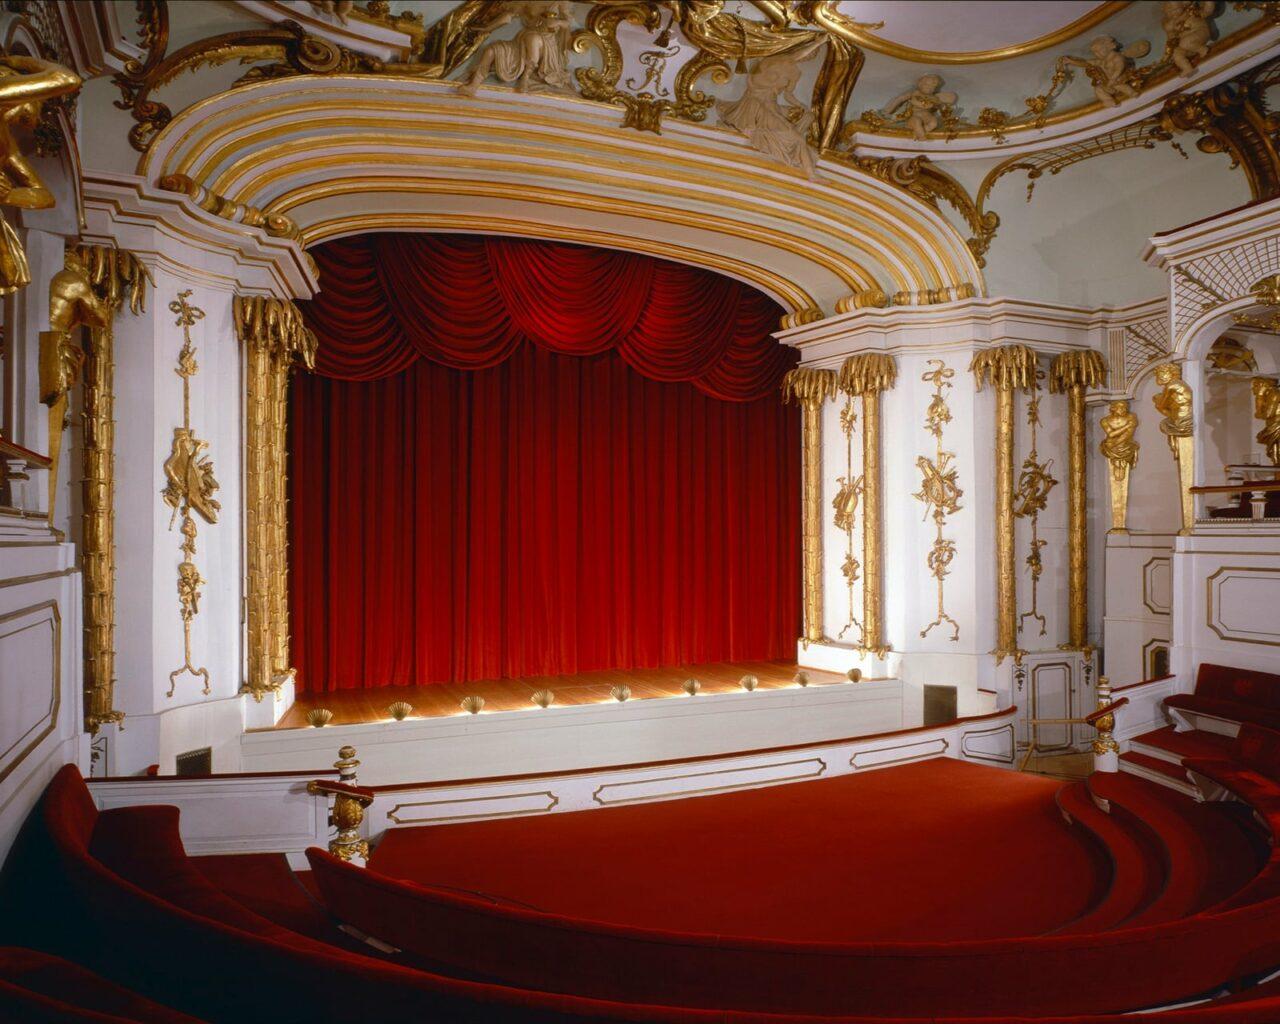 Schlosstheater Buhne C Spsg Foto Hans Bach Klein